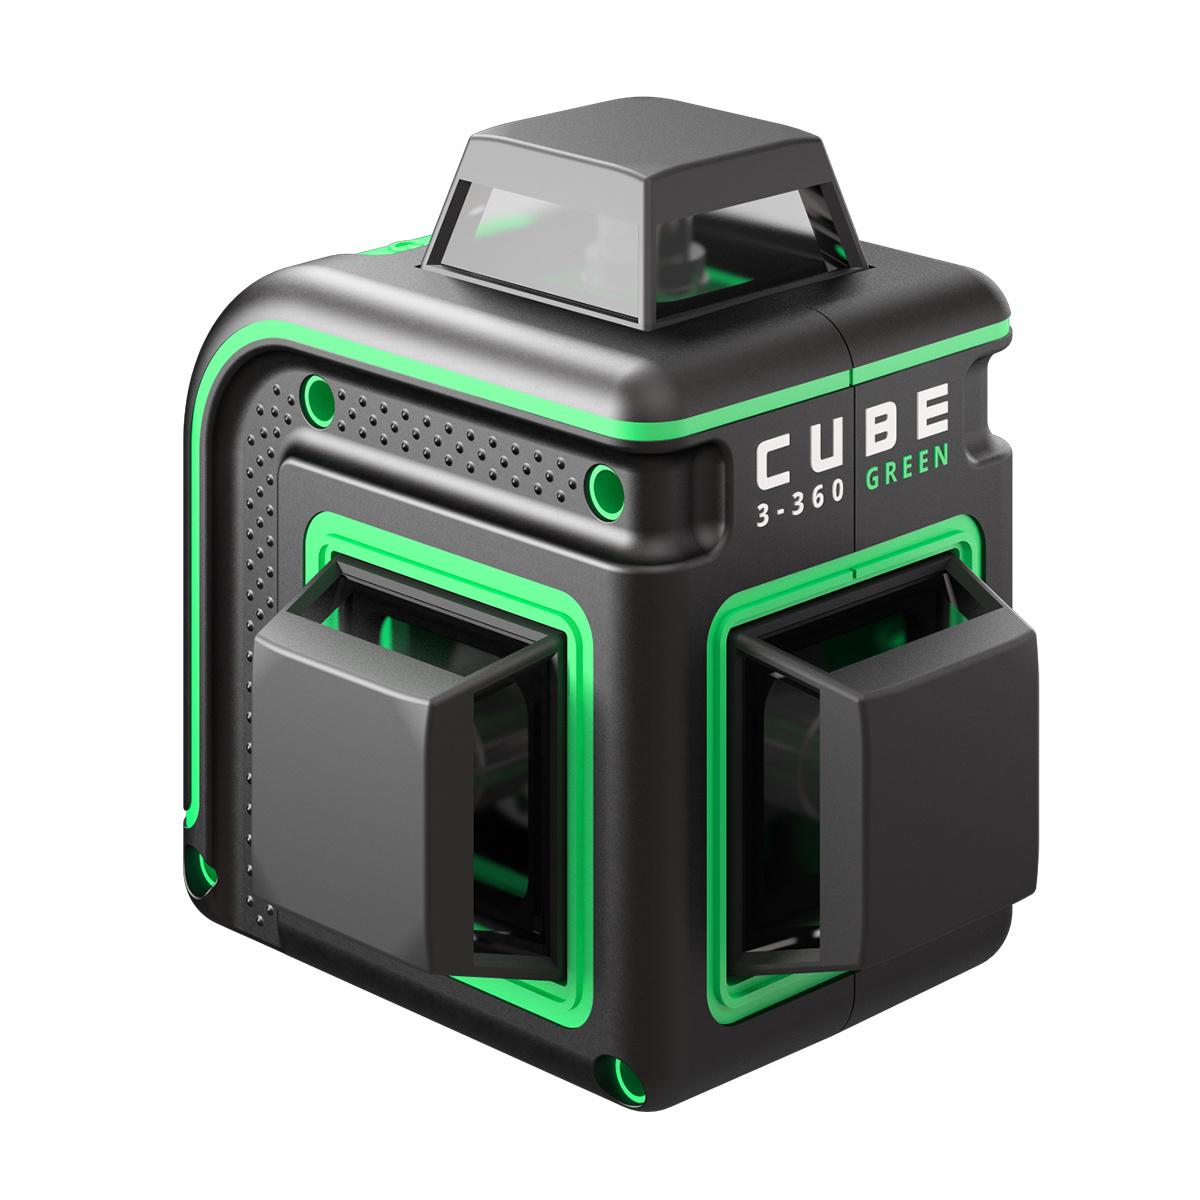 ADA  CUBE 3-360 Groene Lijnlaser met 3x360° groene lijnen